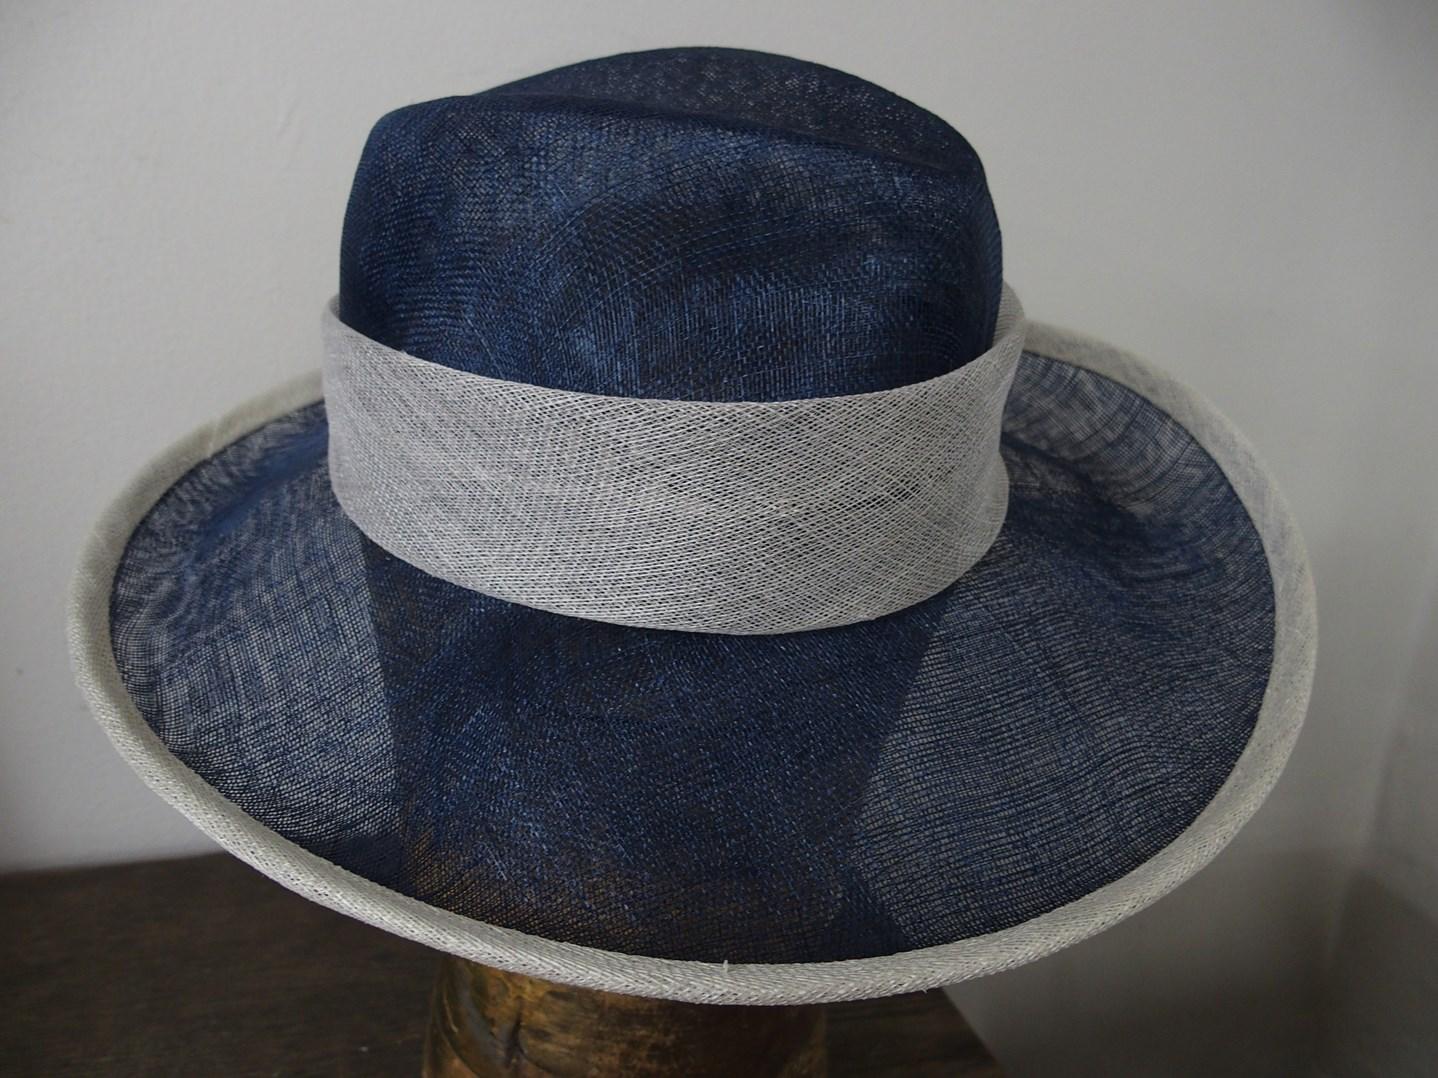 Letní klobouk ze sisalové sítě č. 7245